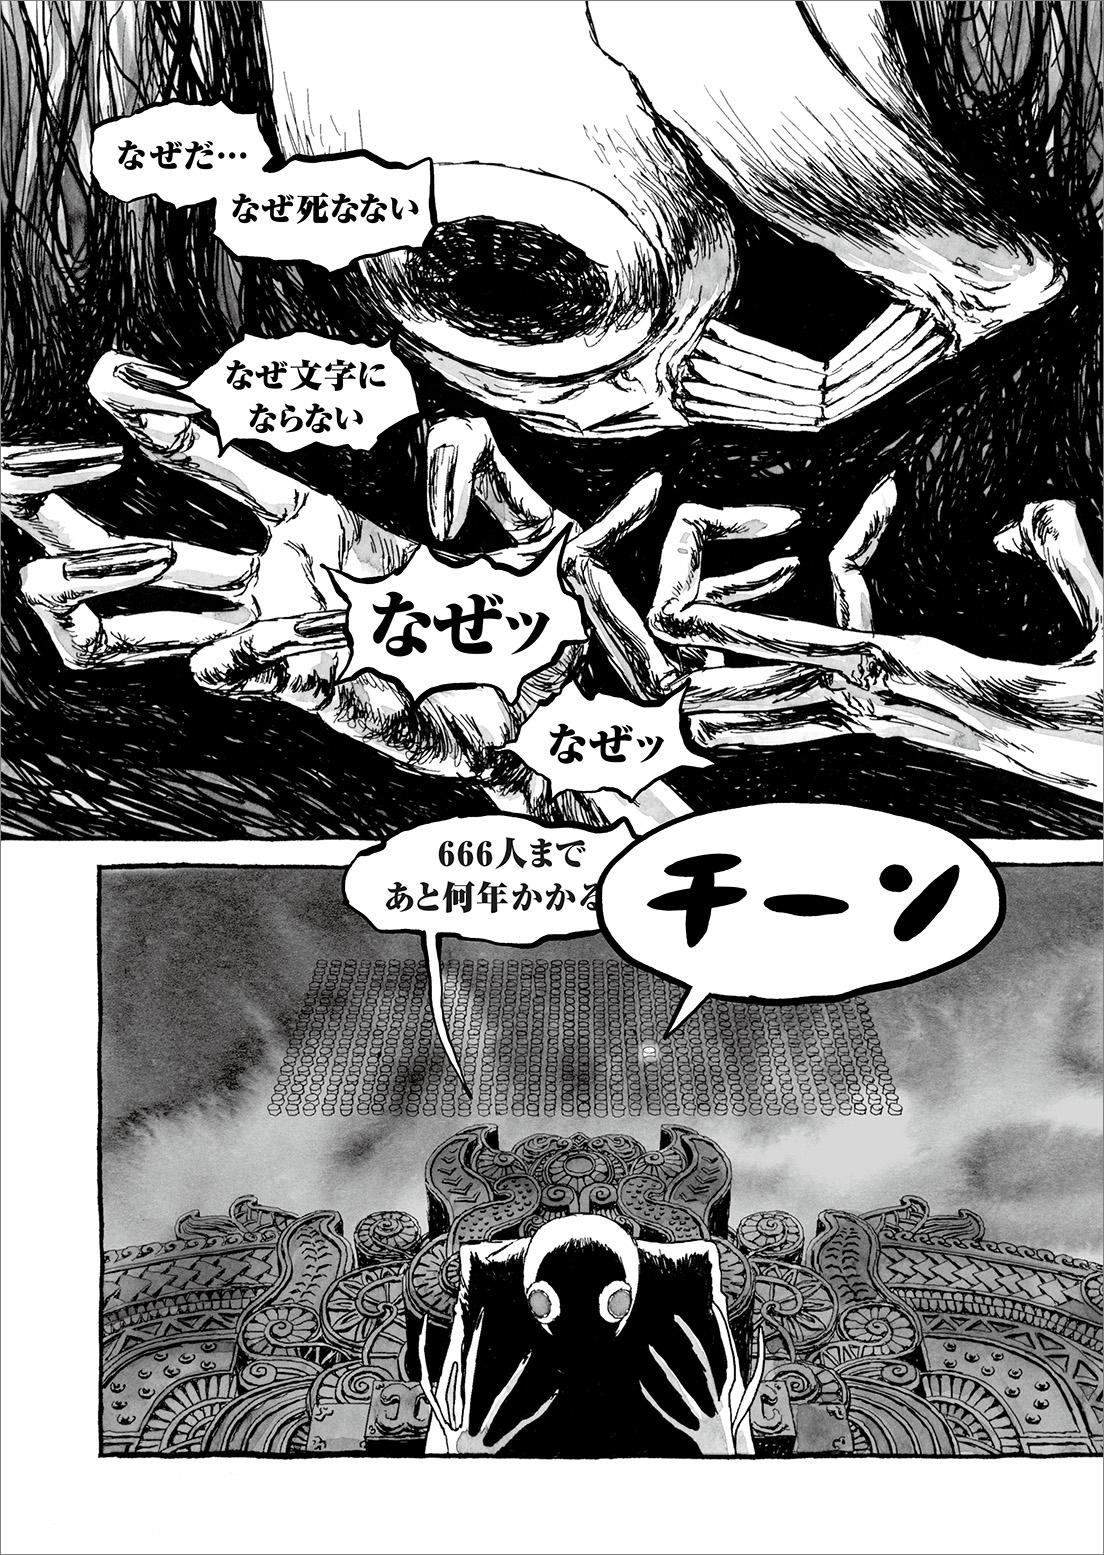 長編漫画「BIBLIOMANIA」第8話「来客」20P